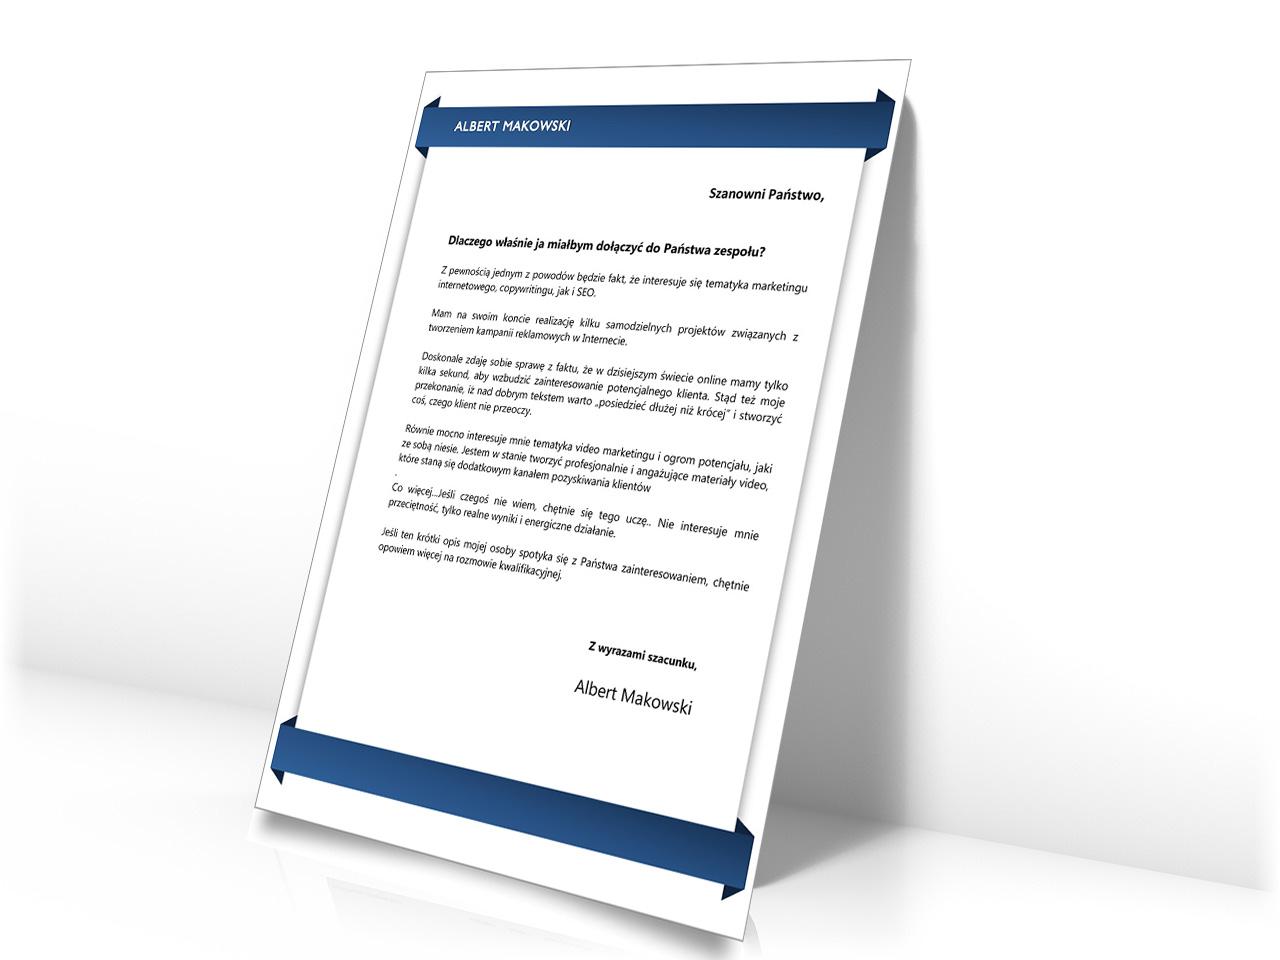 przykładowy list motywacyjny - wzor doc